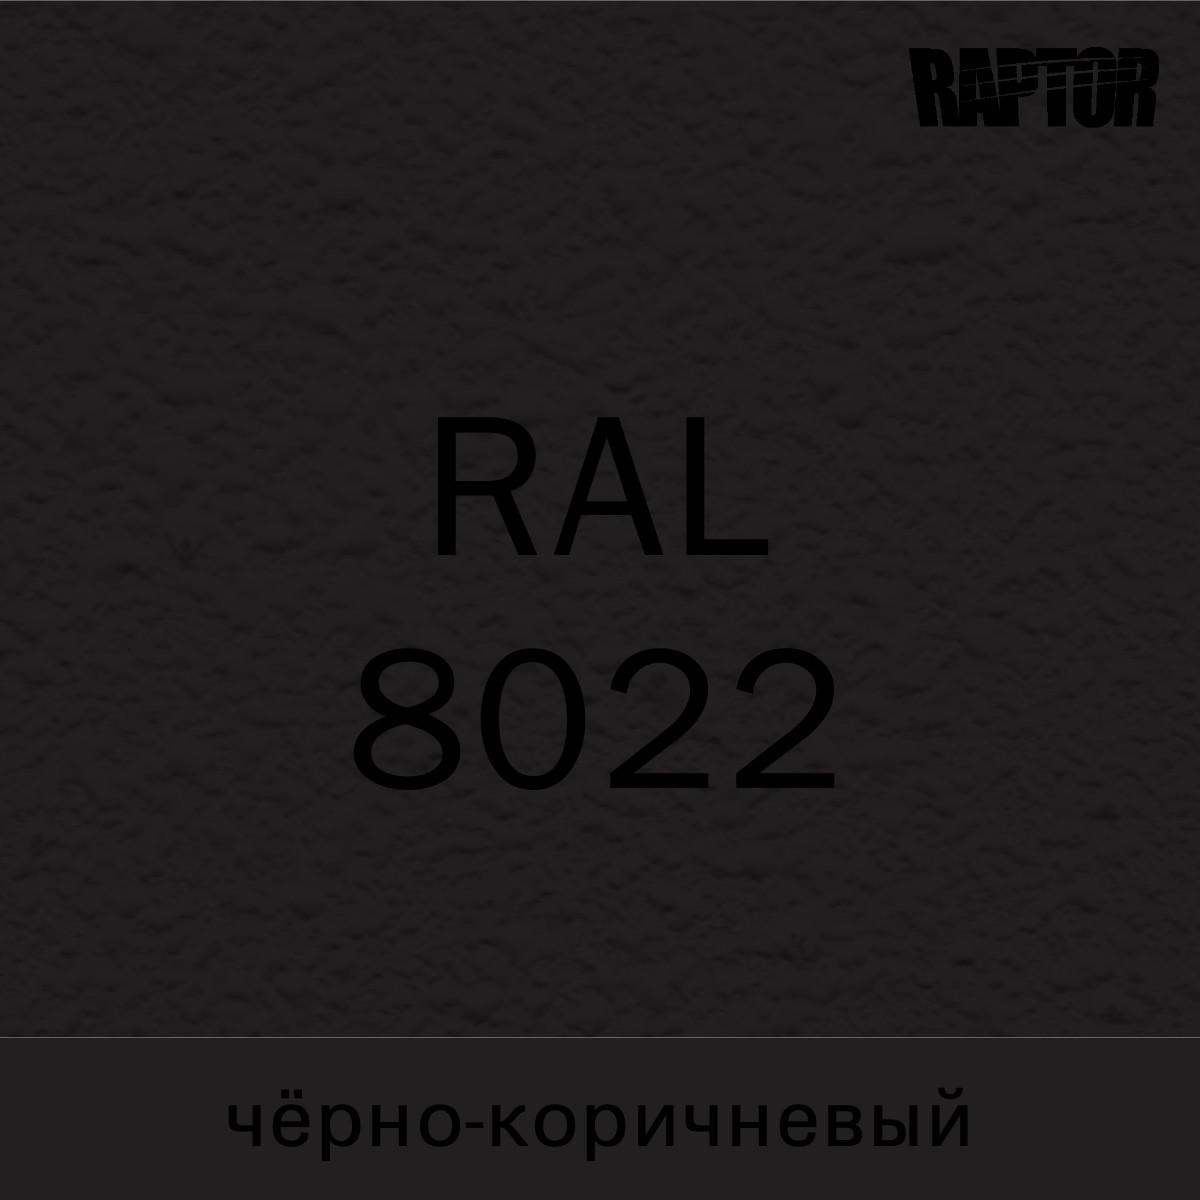 Пигмент для колеровки покрытия RAPTOR™ Чёрно-коричневый (RAL 8022)